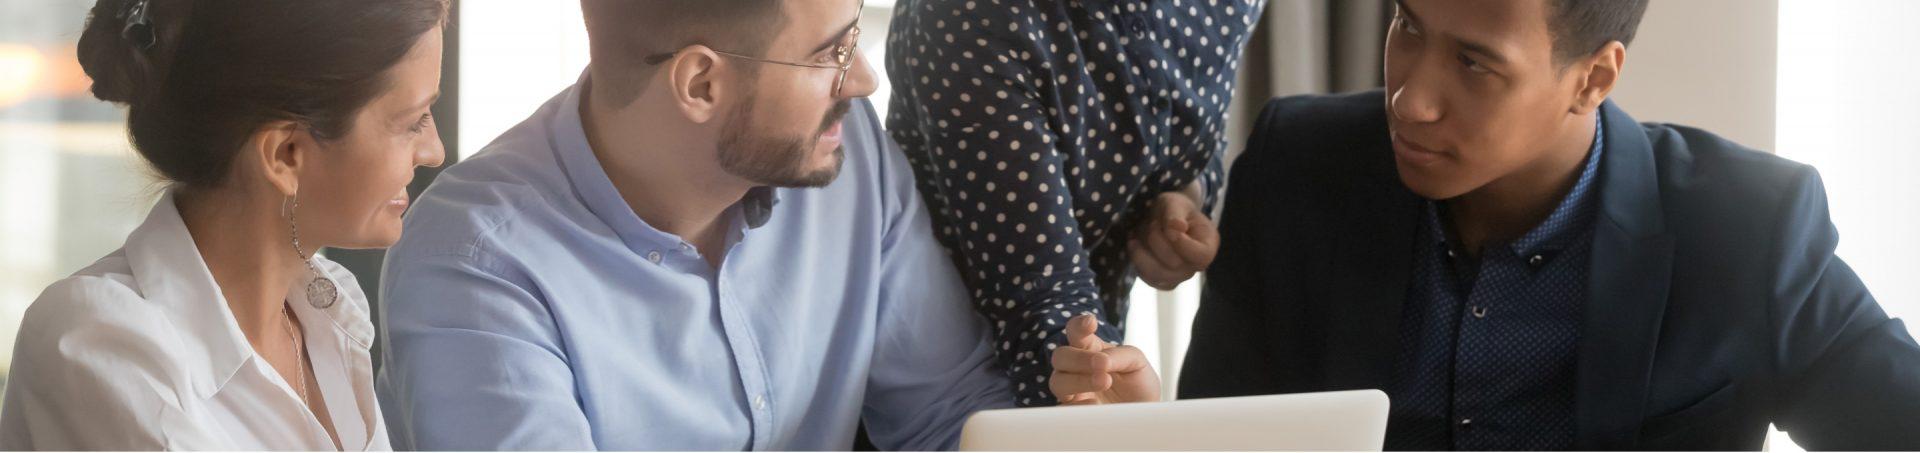 Deux hommes et une femme devant un ordinateur